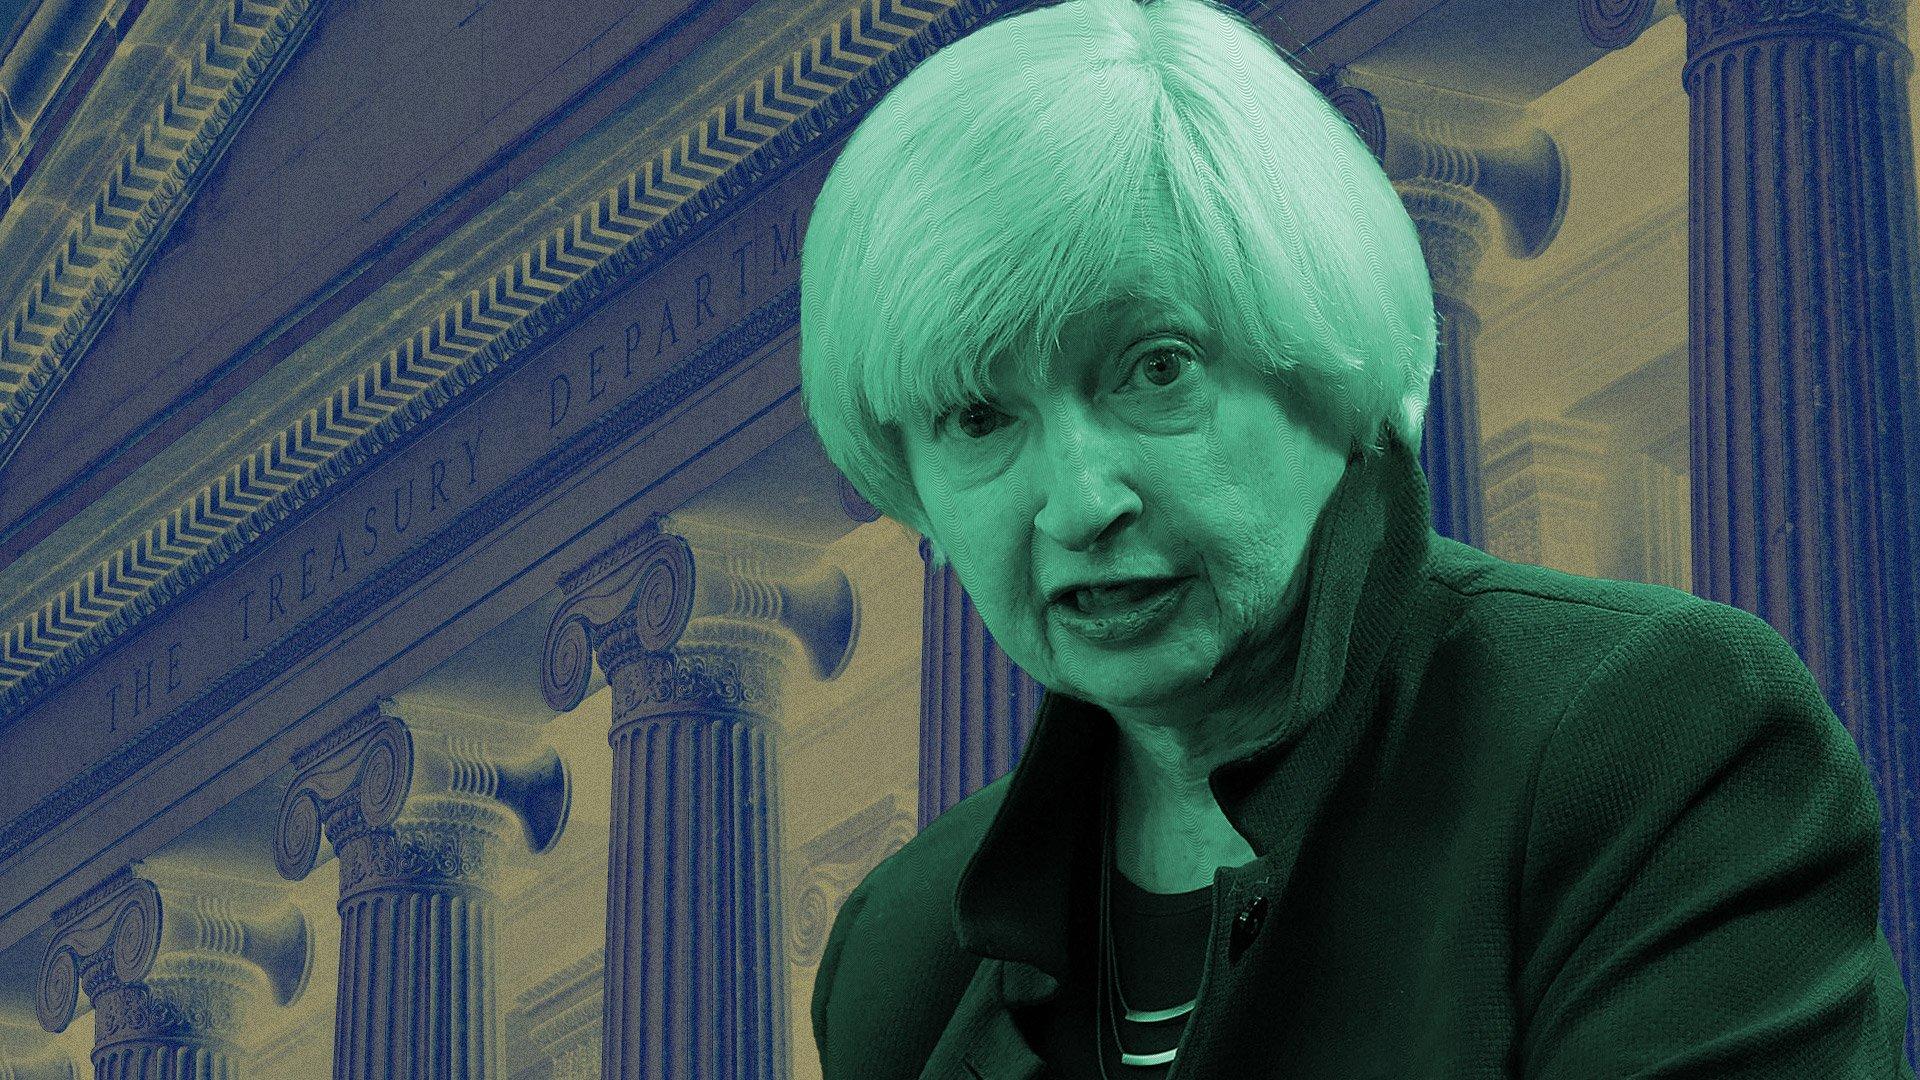 La candidata a secretaria del Tesoro, Janet Yellen, califica el uso ilícito de criptomonedas como una 'preocupación particular'